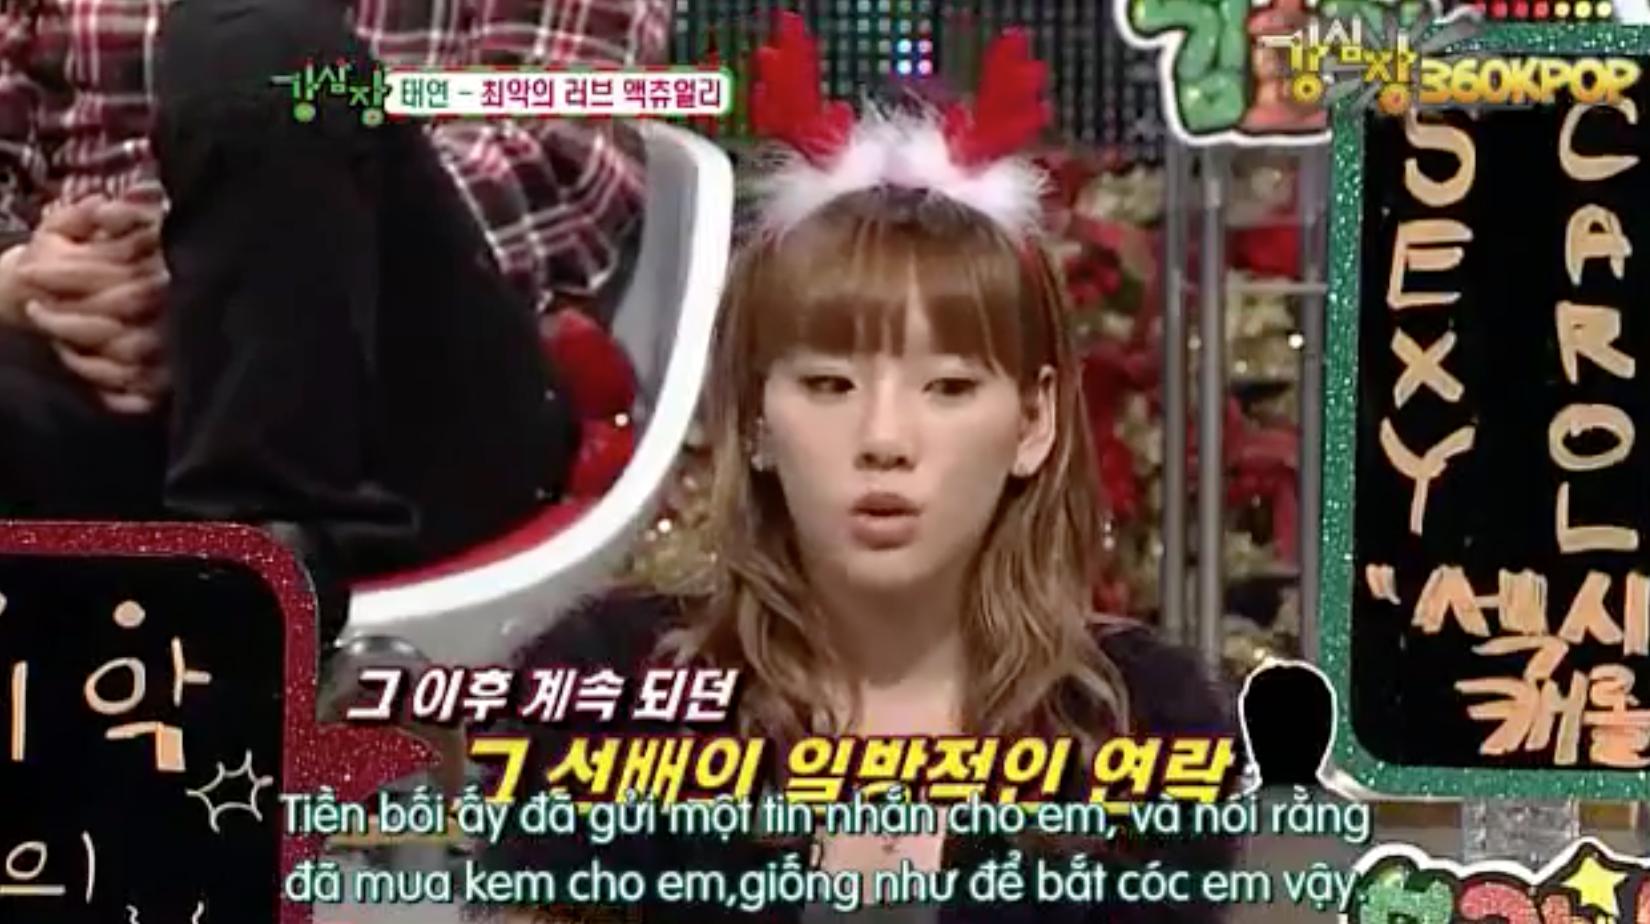 Năm 2009, Taeyeon từng kể chuyện bị tiền bối quấy rối qua điện thoại - Ảnh 2.